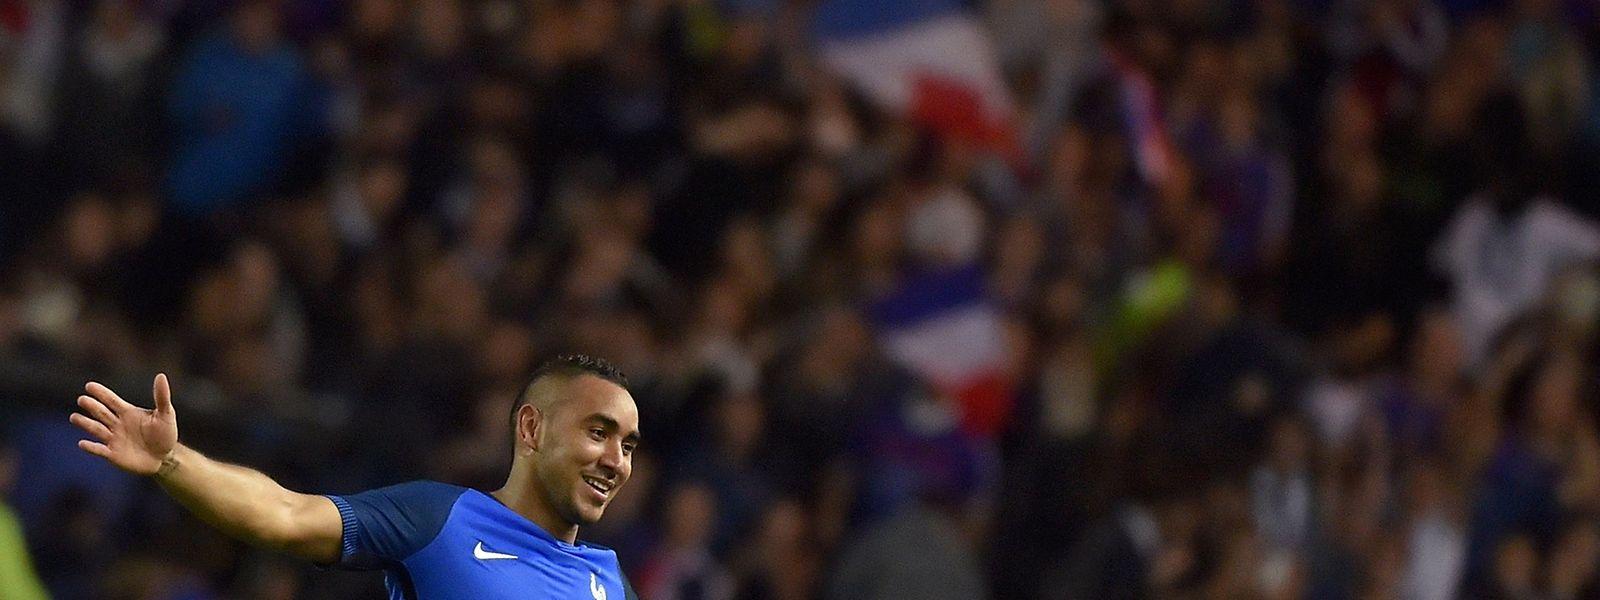 Matchwinner: Dimitri Payet besorgte den Siegtreffer per Freistoß.